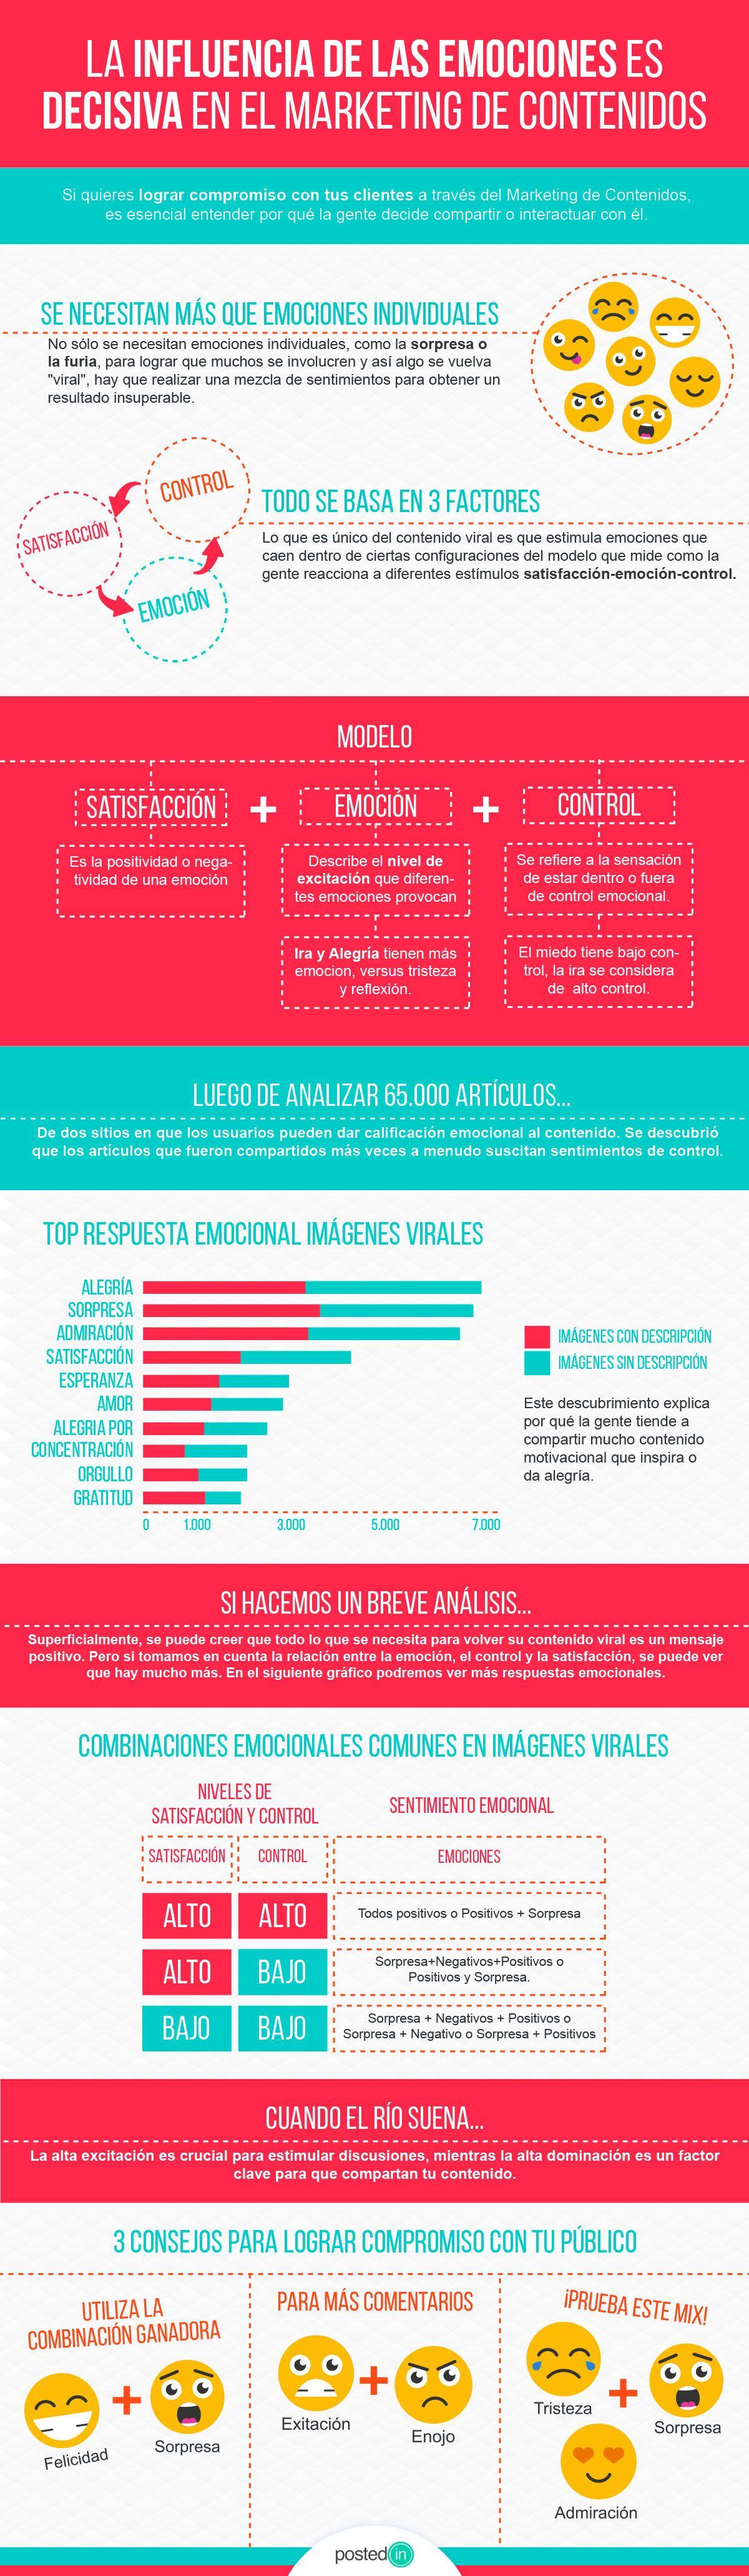 La influencia de las emociones es decisiva en el Marketing de Contenidos